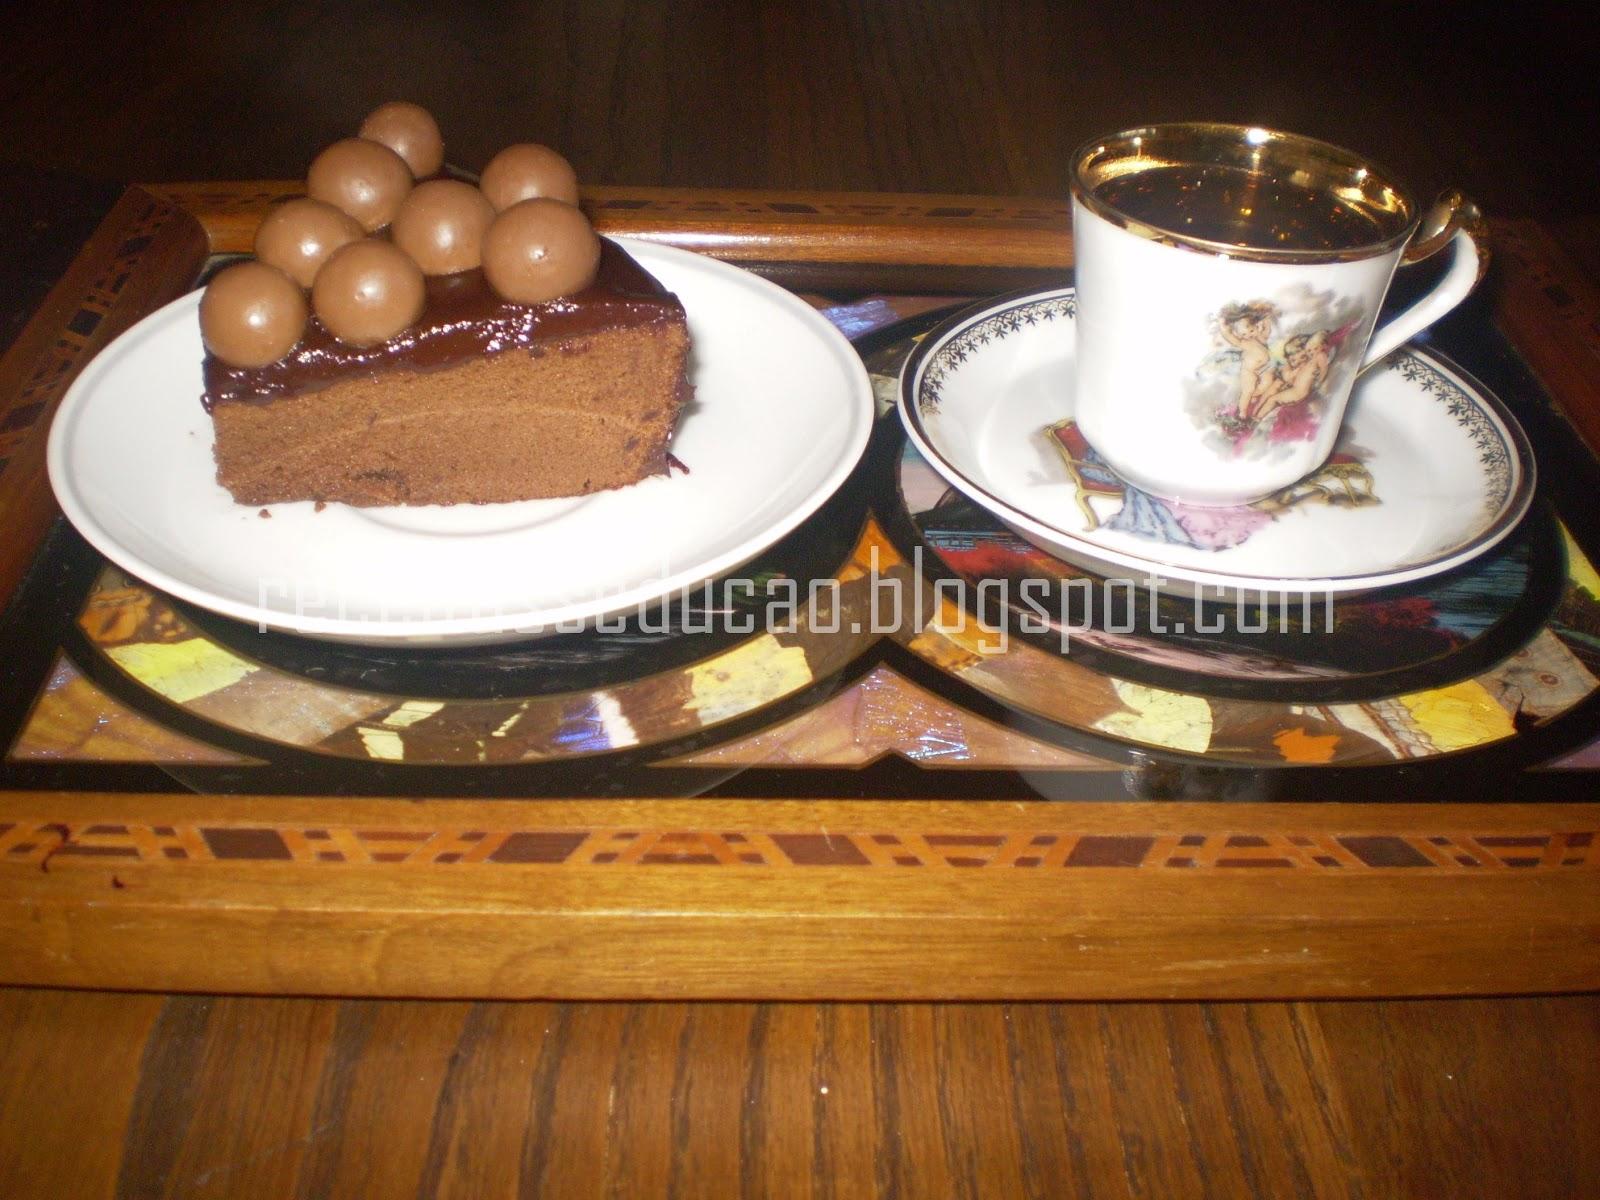 Bolo de chocolate com ganache e maltesers